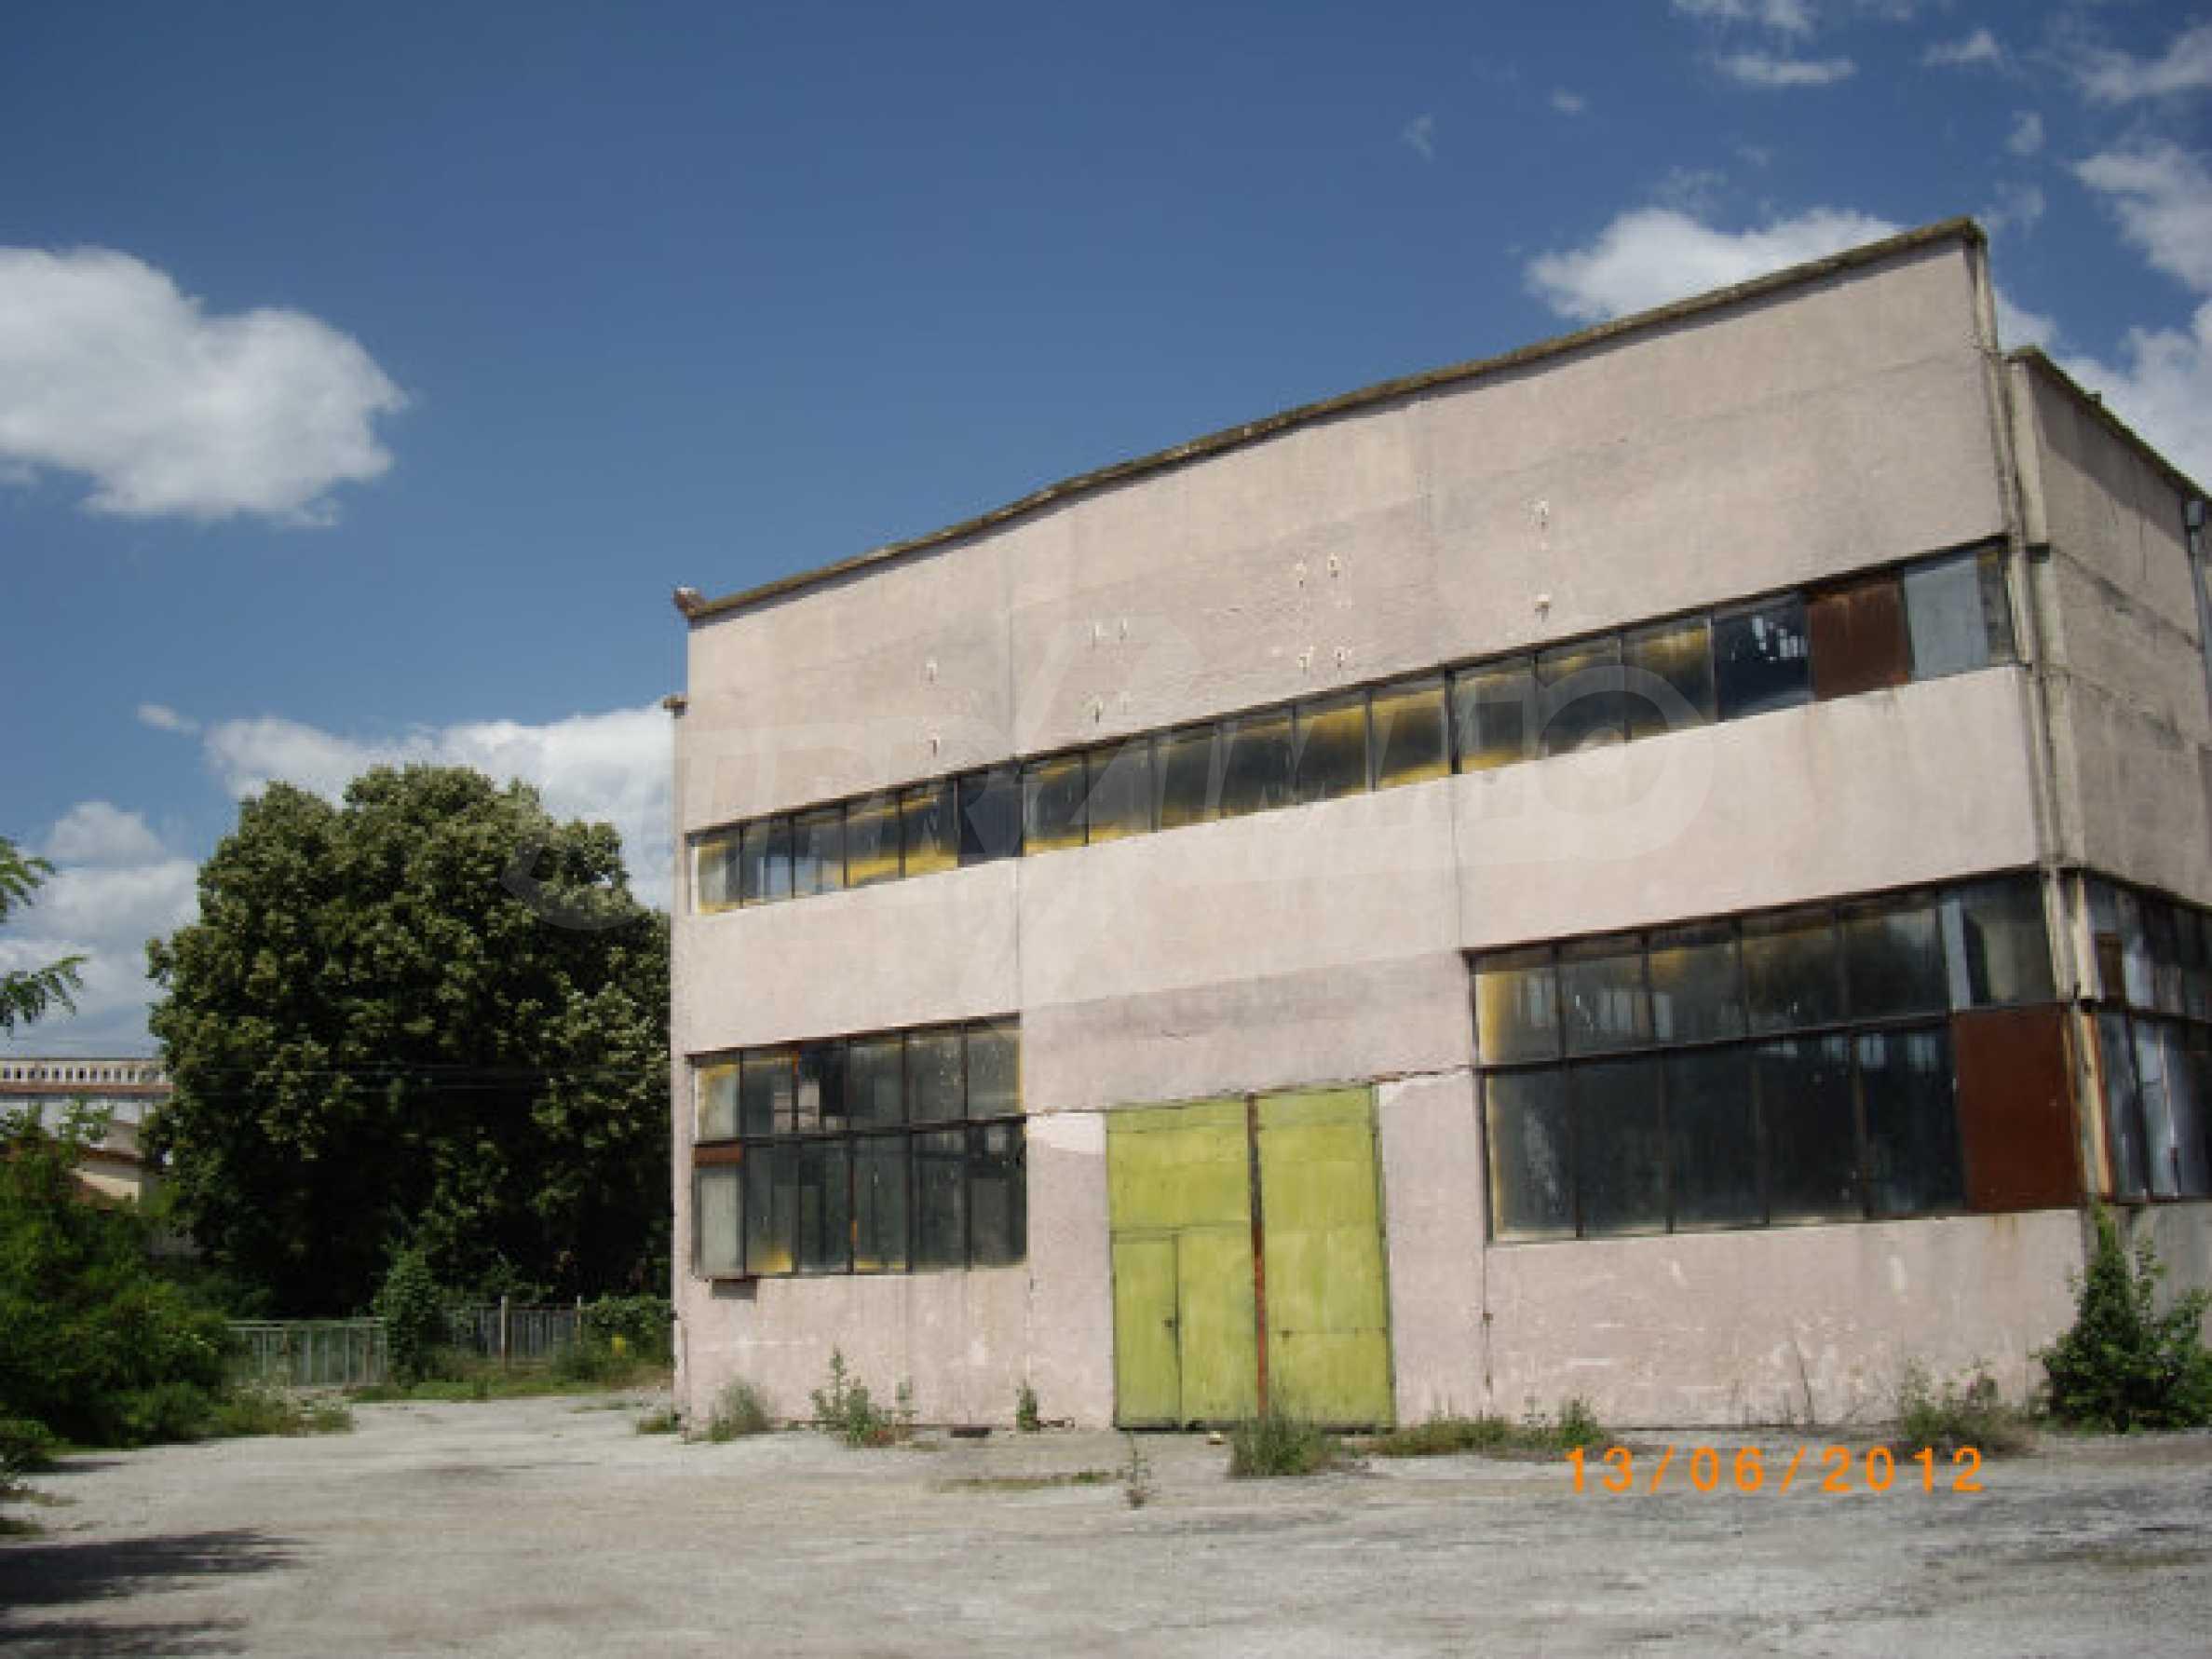 Produktionsgebäude mit Dienstleistungs- und Verwaltungsgebäude in der Nähe von Monatan 25